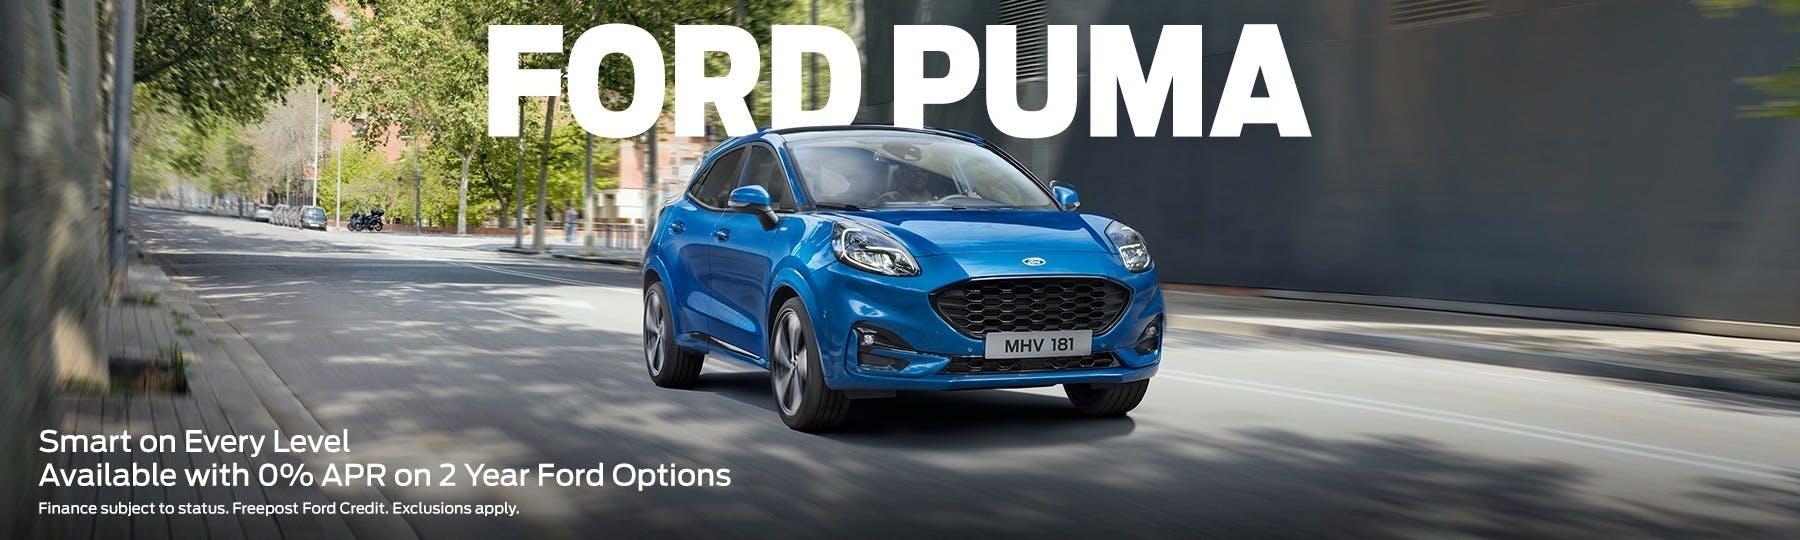 ford Puma New Car Offer